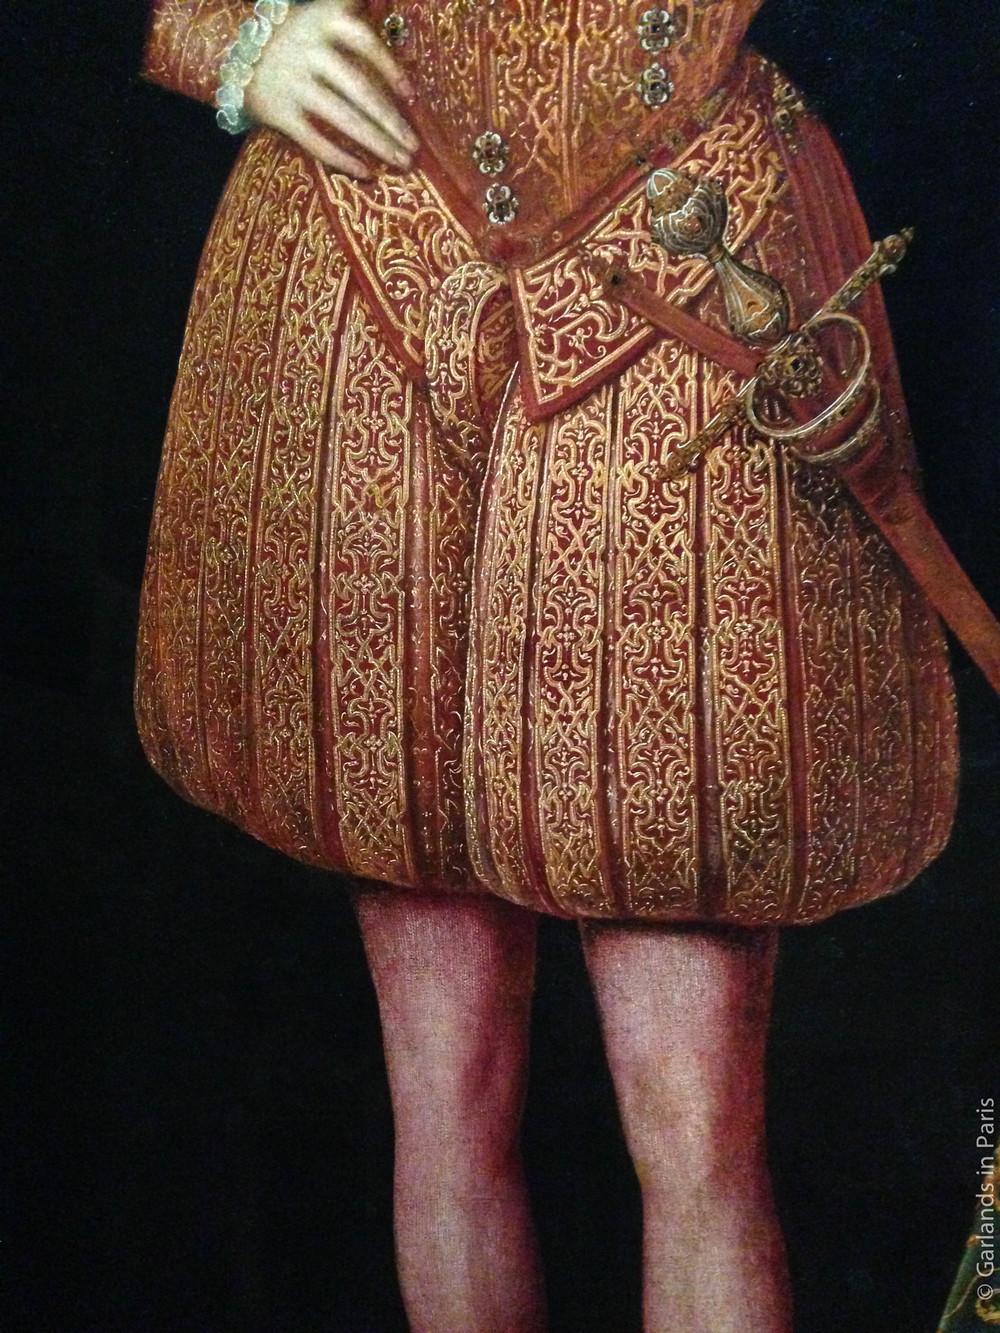 Tudor man's portrait, Musée du Luxembourg, Paris